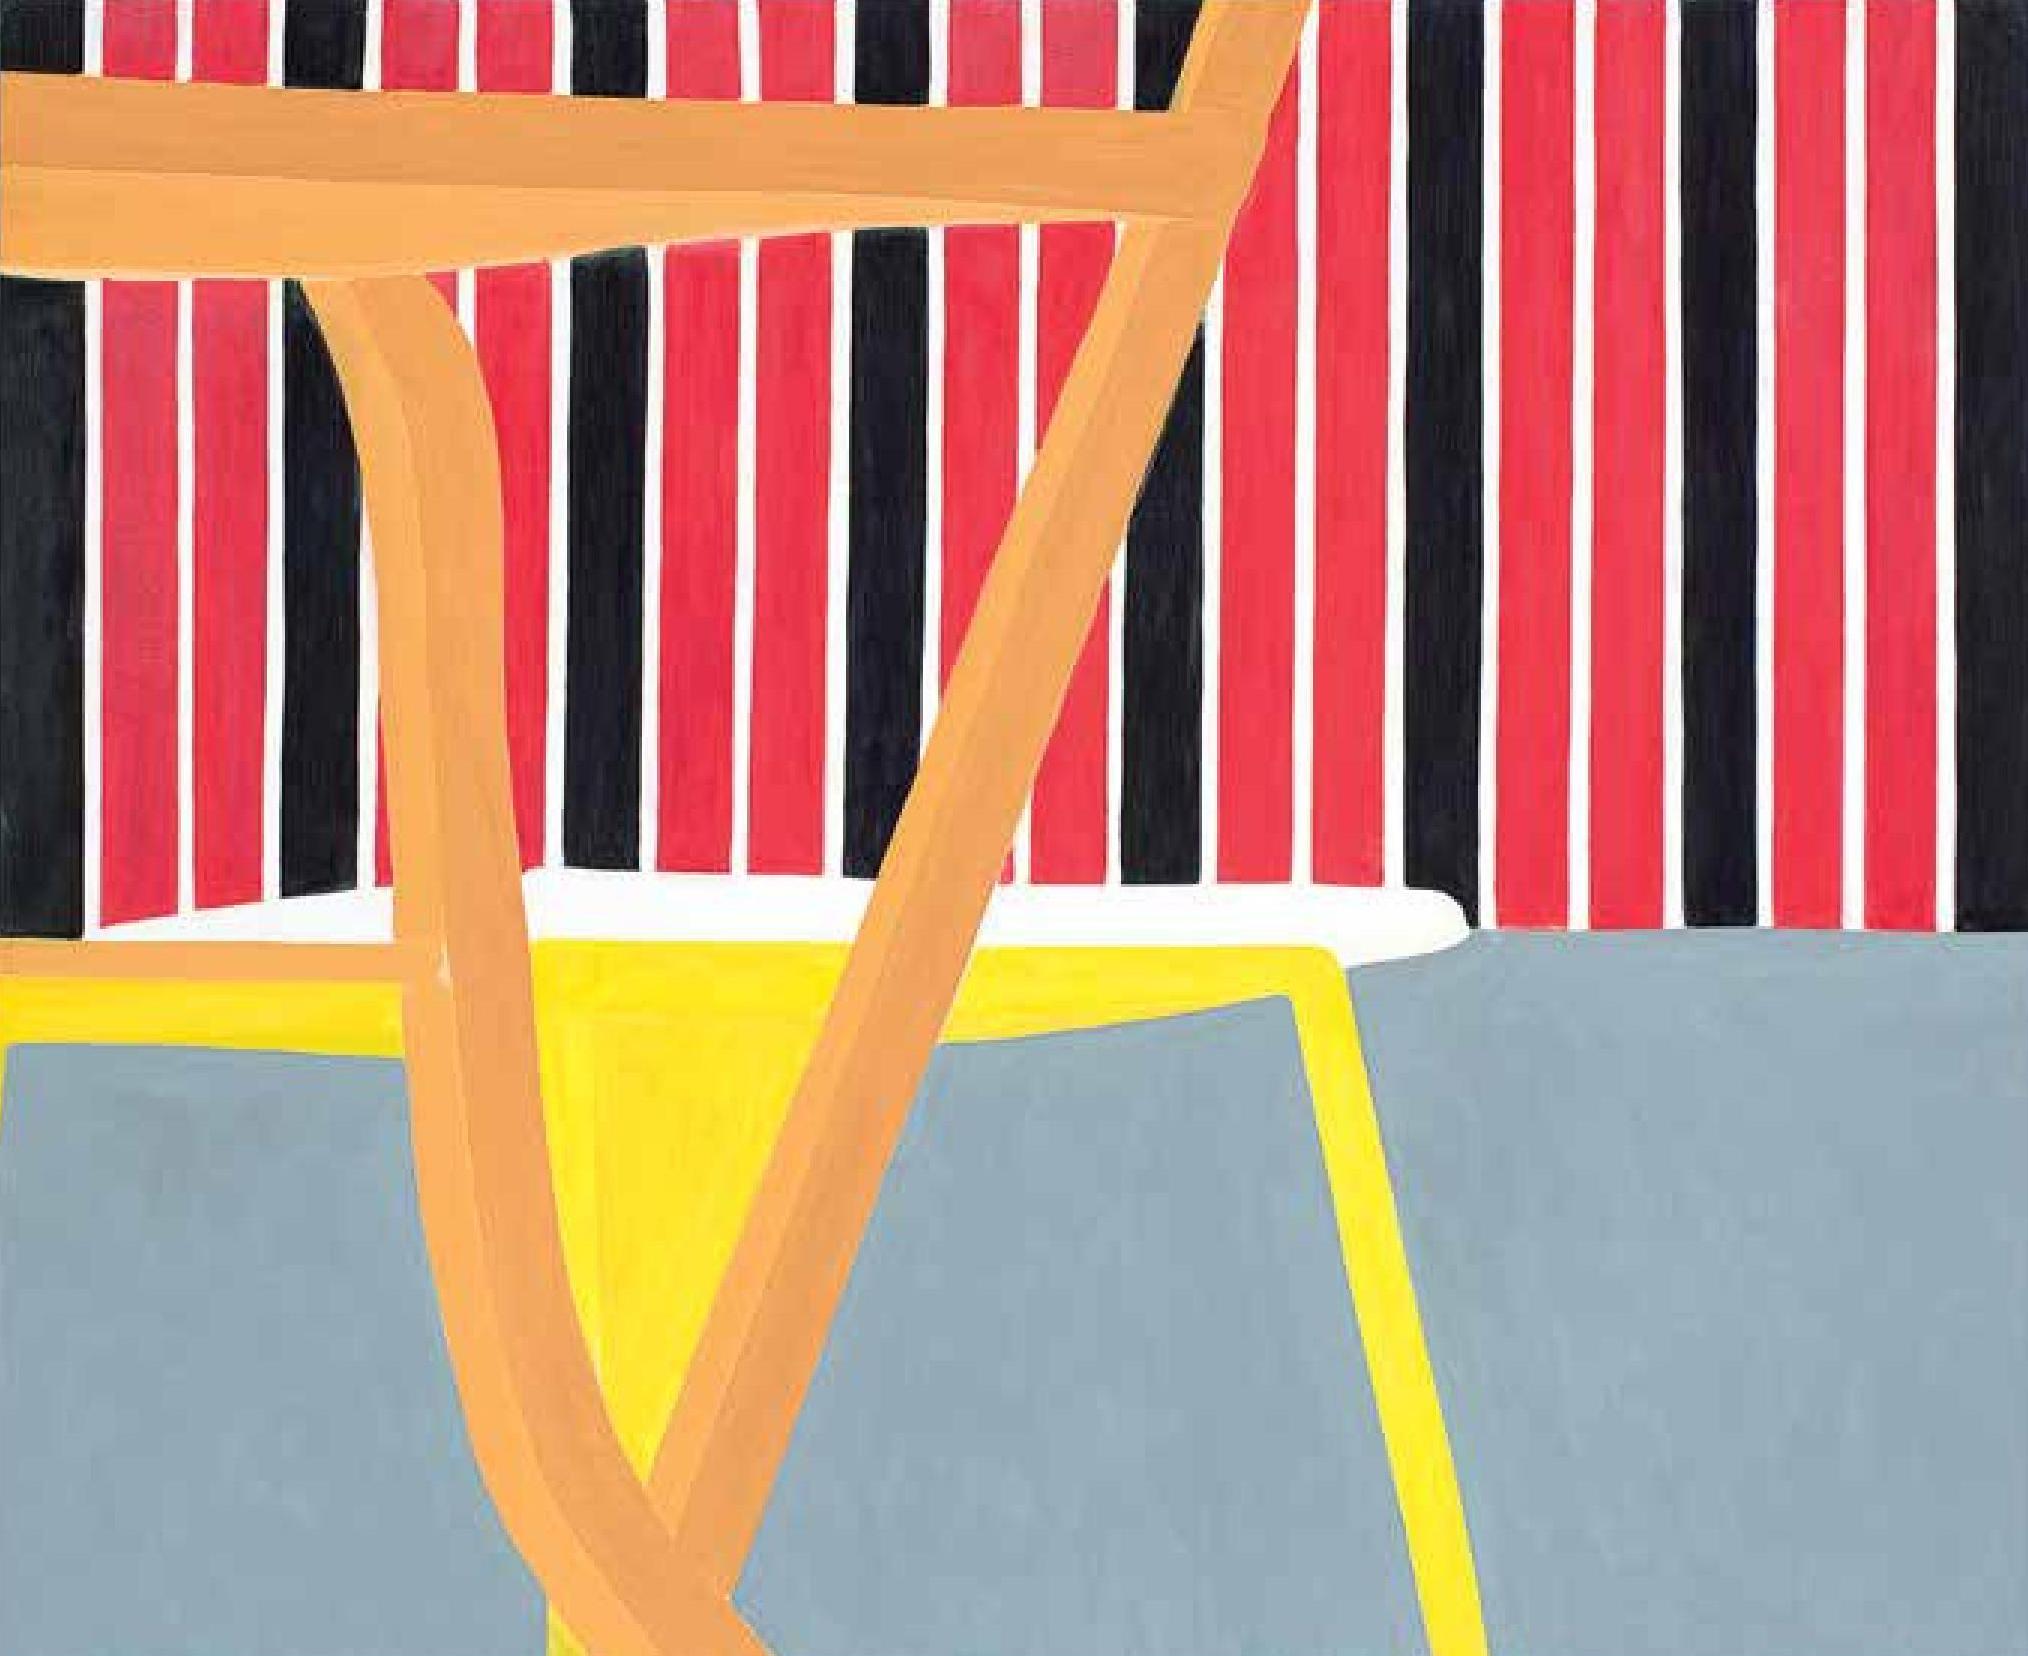 Recortes inusitados e detalhes como esta 'Beira-serra' são frequentes no trabalho da artista